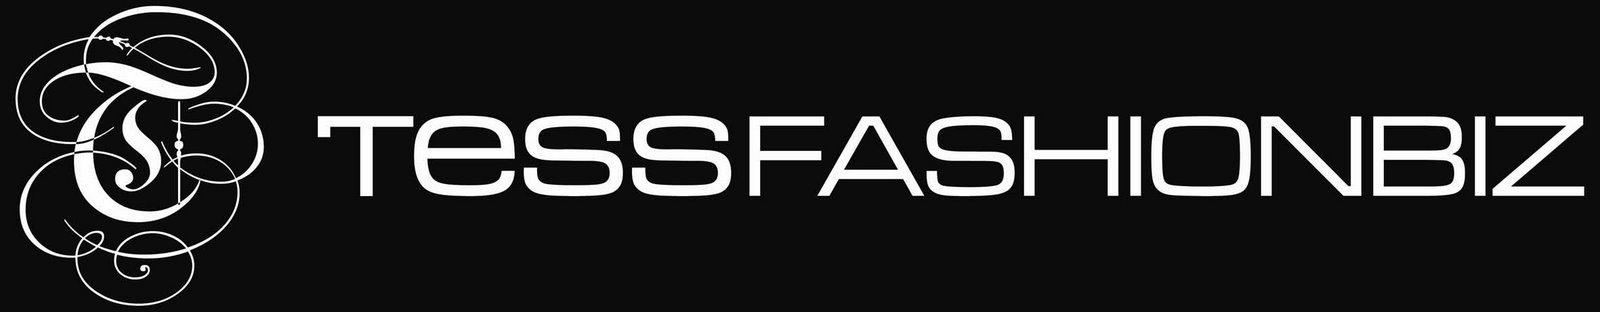 Tess FashionBiz :: Bureau Conceitual de Negócios